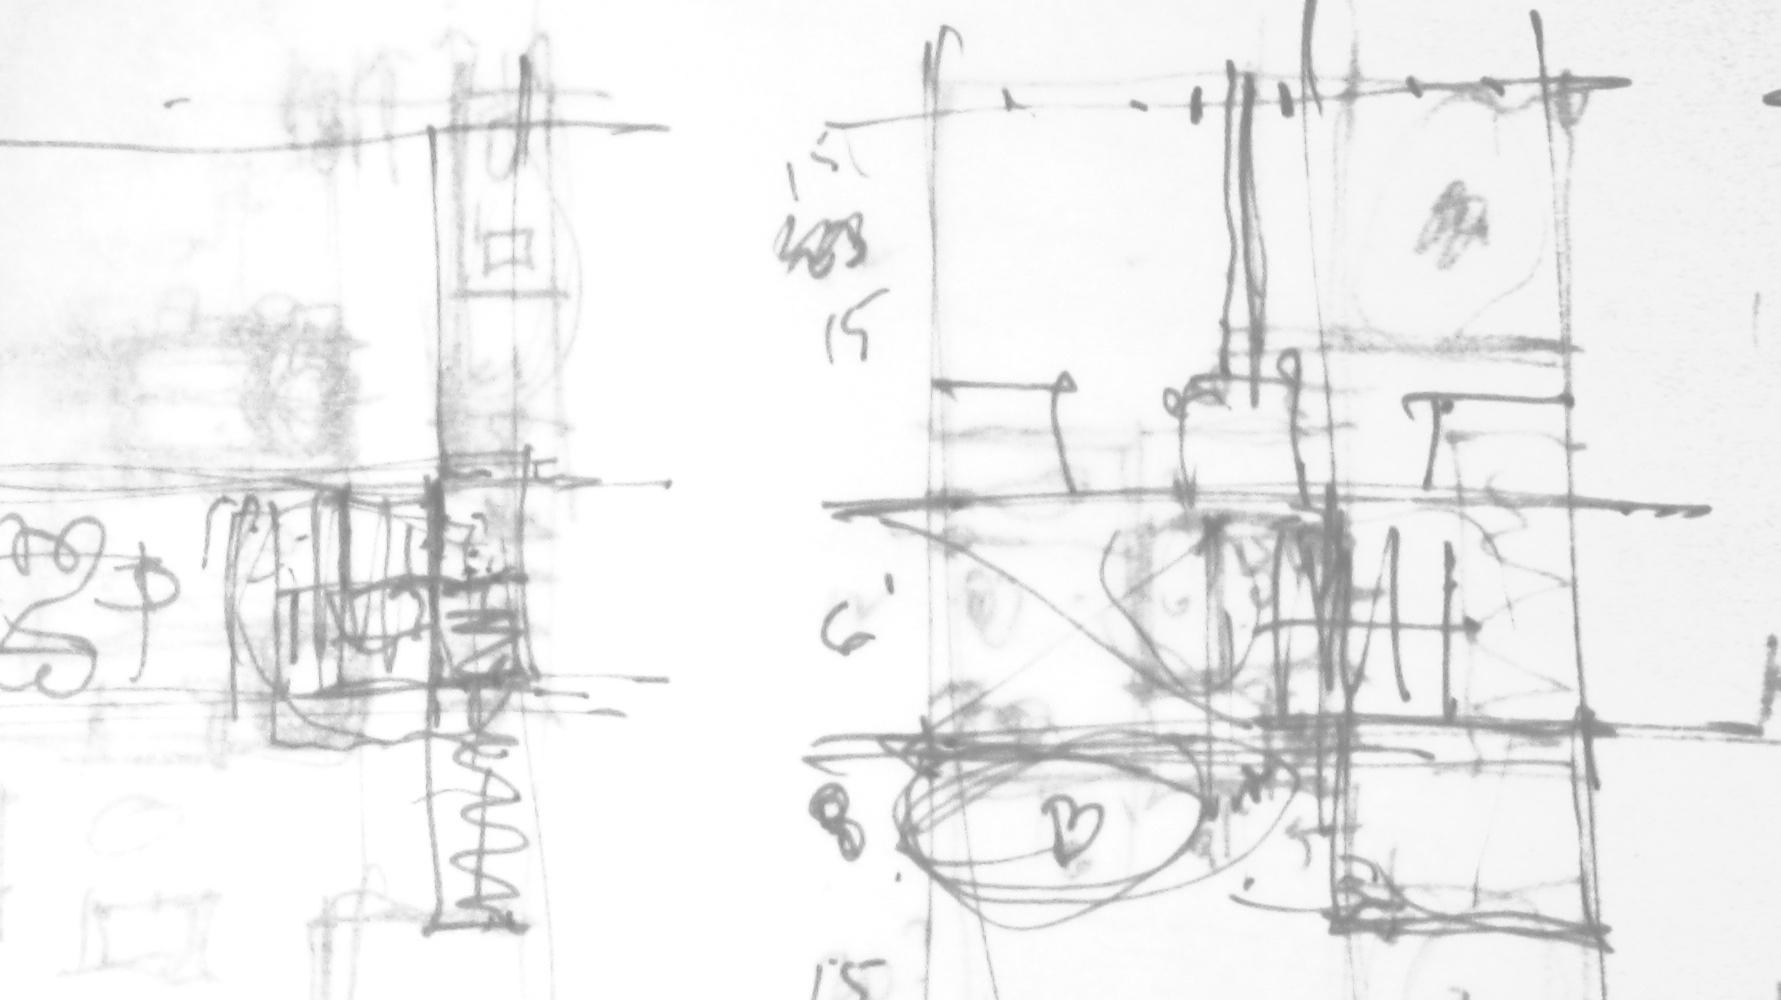 sketch horiz w-o text.jpg